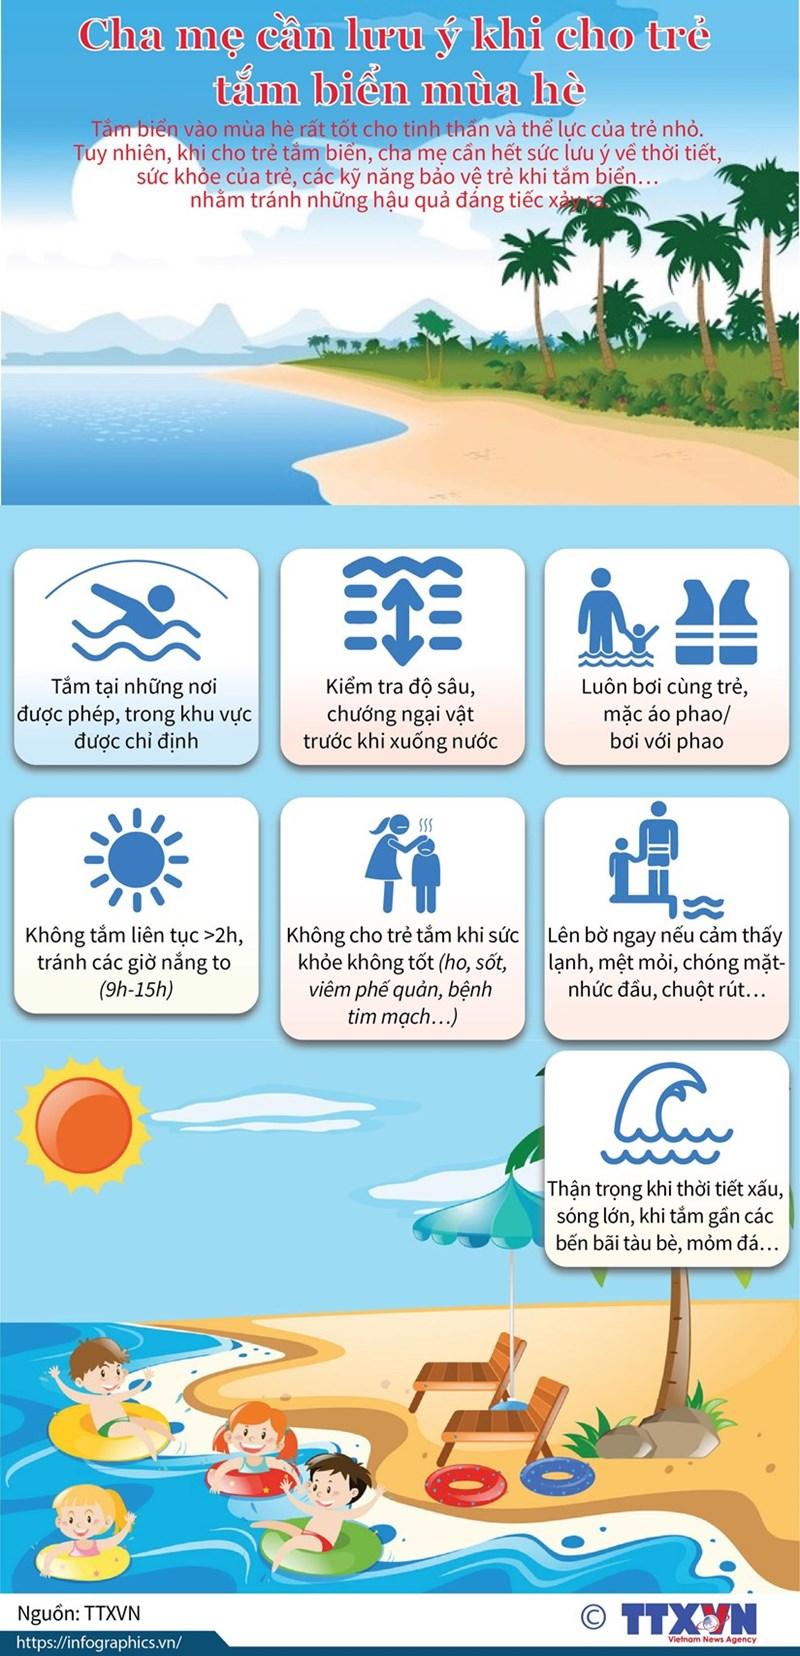 [Infographics] Những điểm cần lưu ý khi cho trẻ tắm biển mùa Hè - Ảnh 1